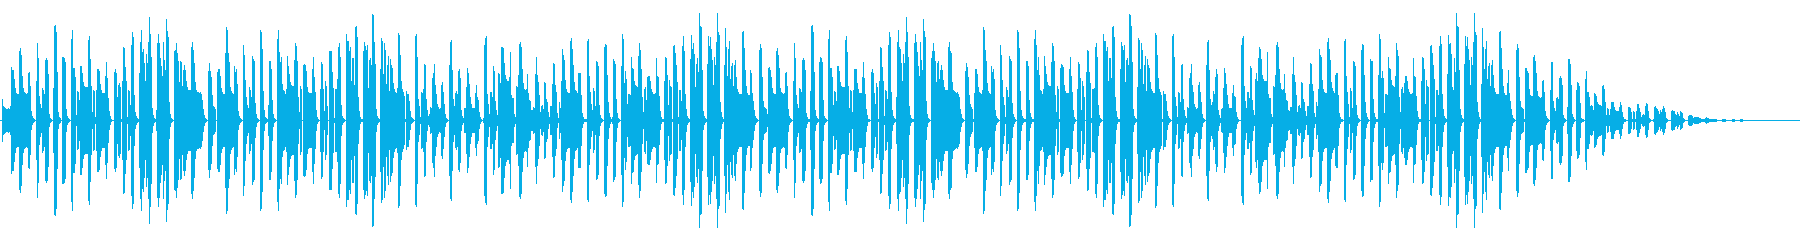 サッカー定番曲「凱旋行進曲」脱力アレンジの再生済みの波形